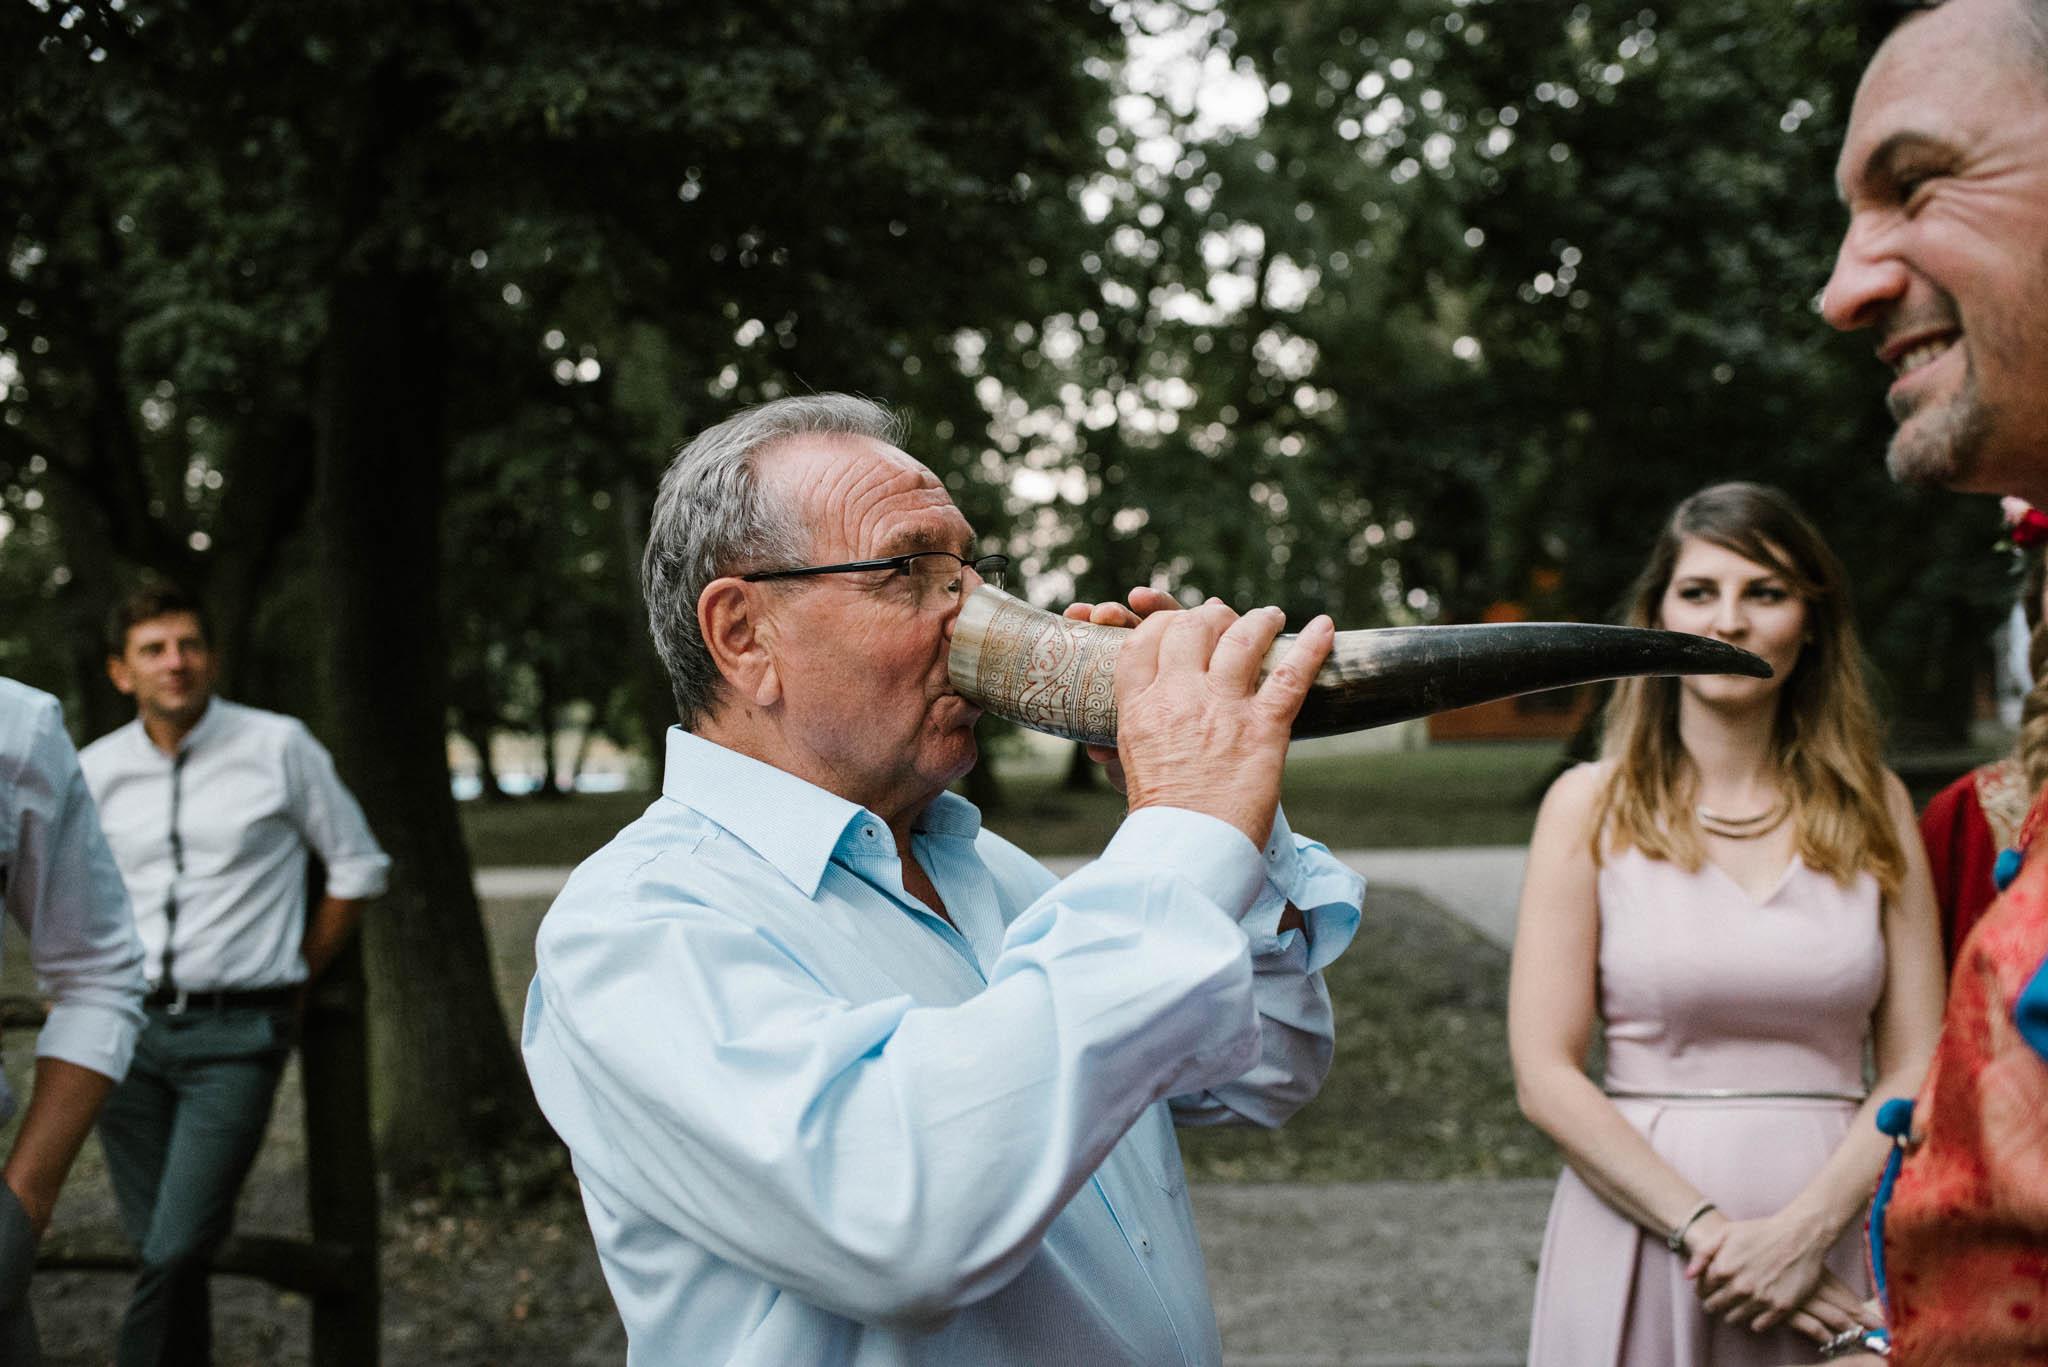 Ojciec pana młodego pije z rogu - sesja ślubna na Wyspie Św. Edwarda Zaniemyśl